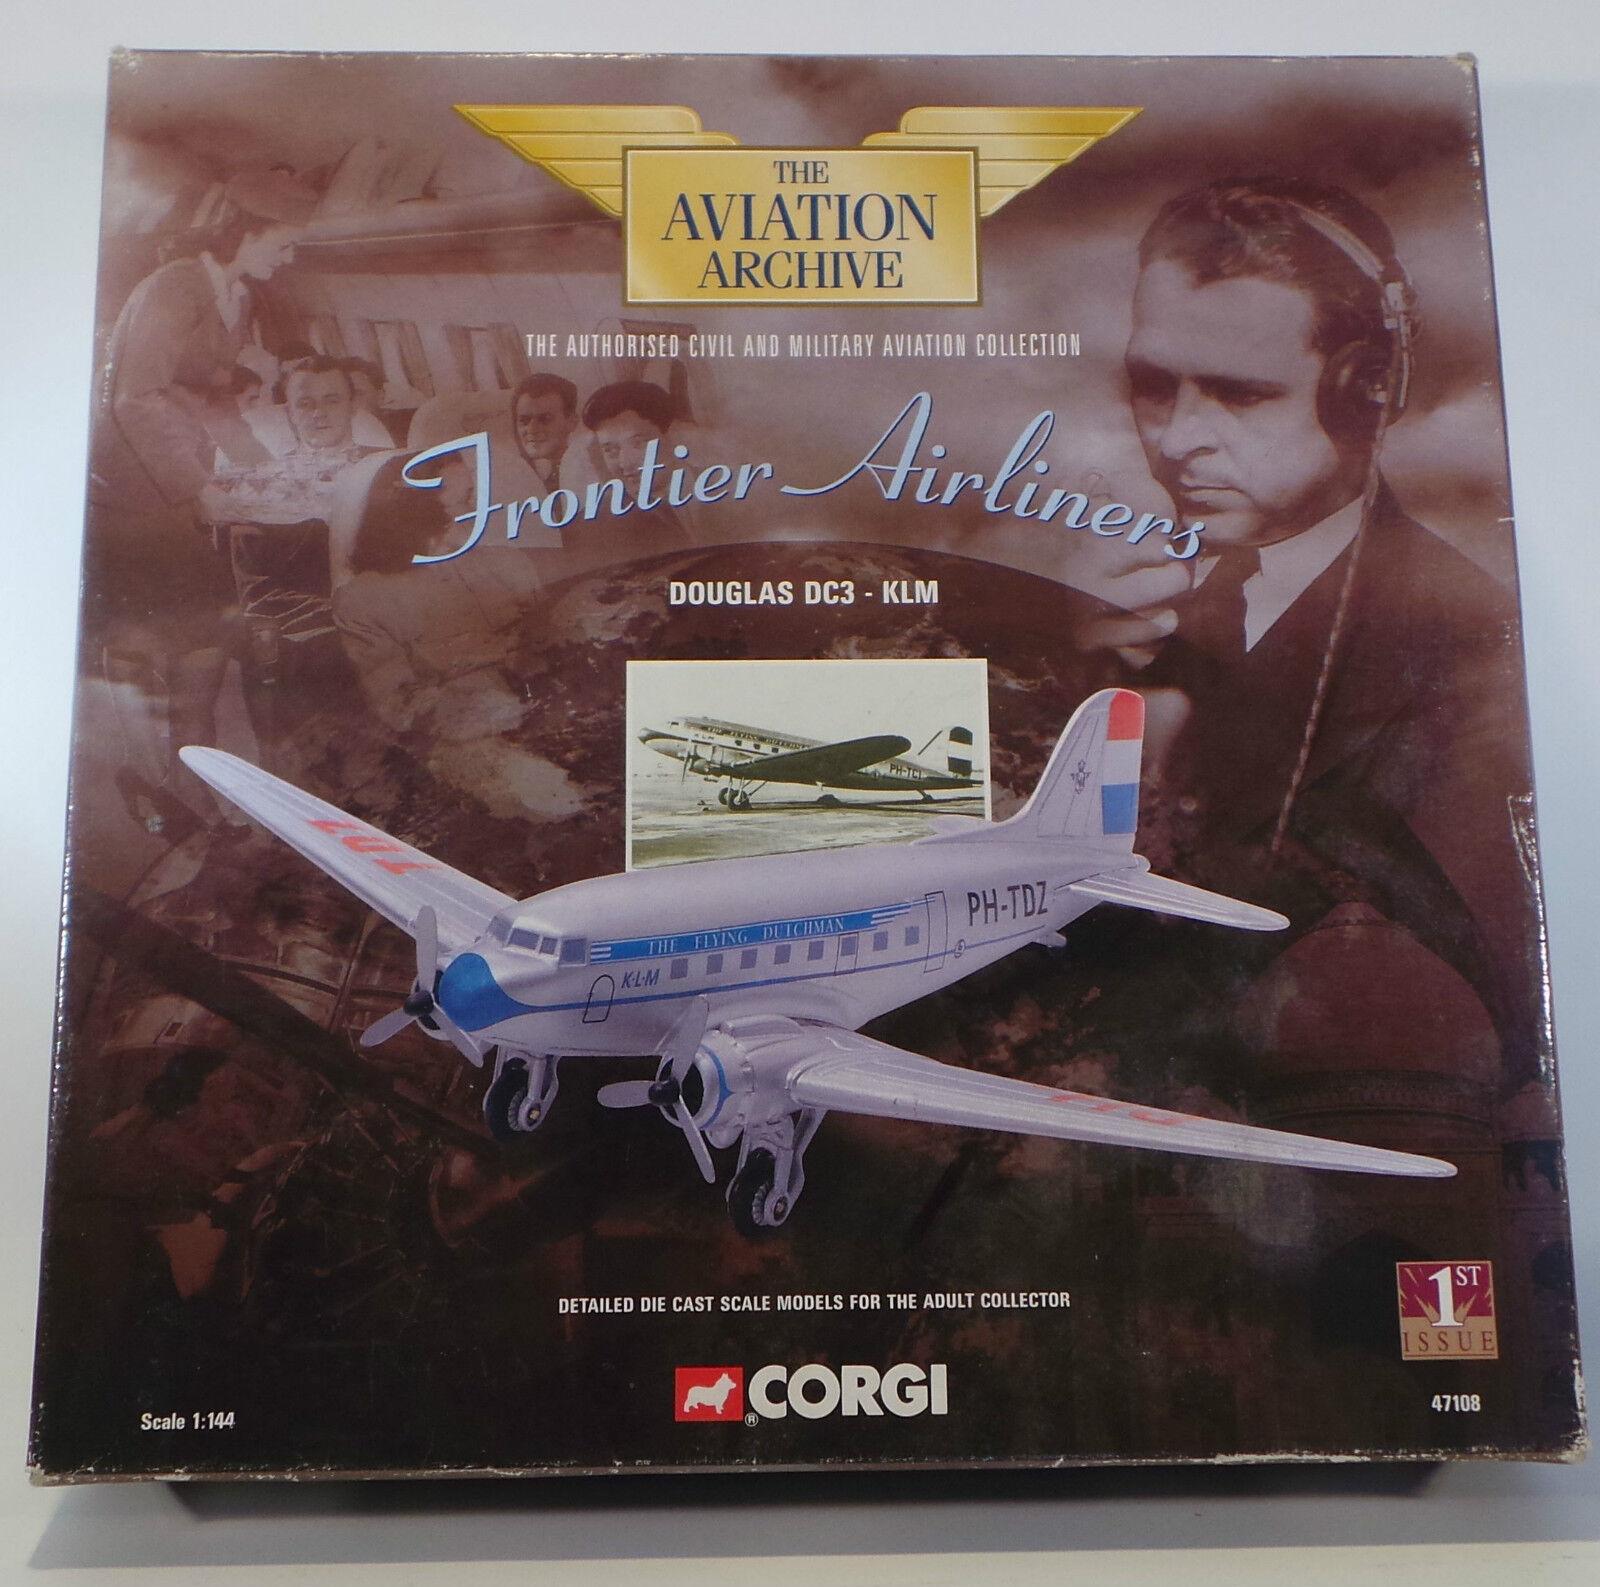 AVIATION   DOUGLAS DC3 - KLM 1 144 SCALE CORGI DIECAST MODEL